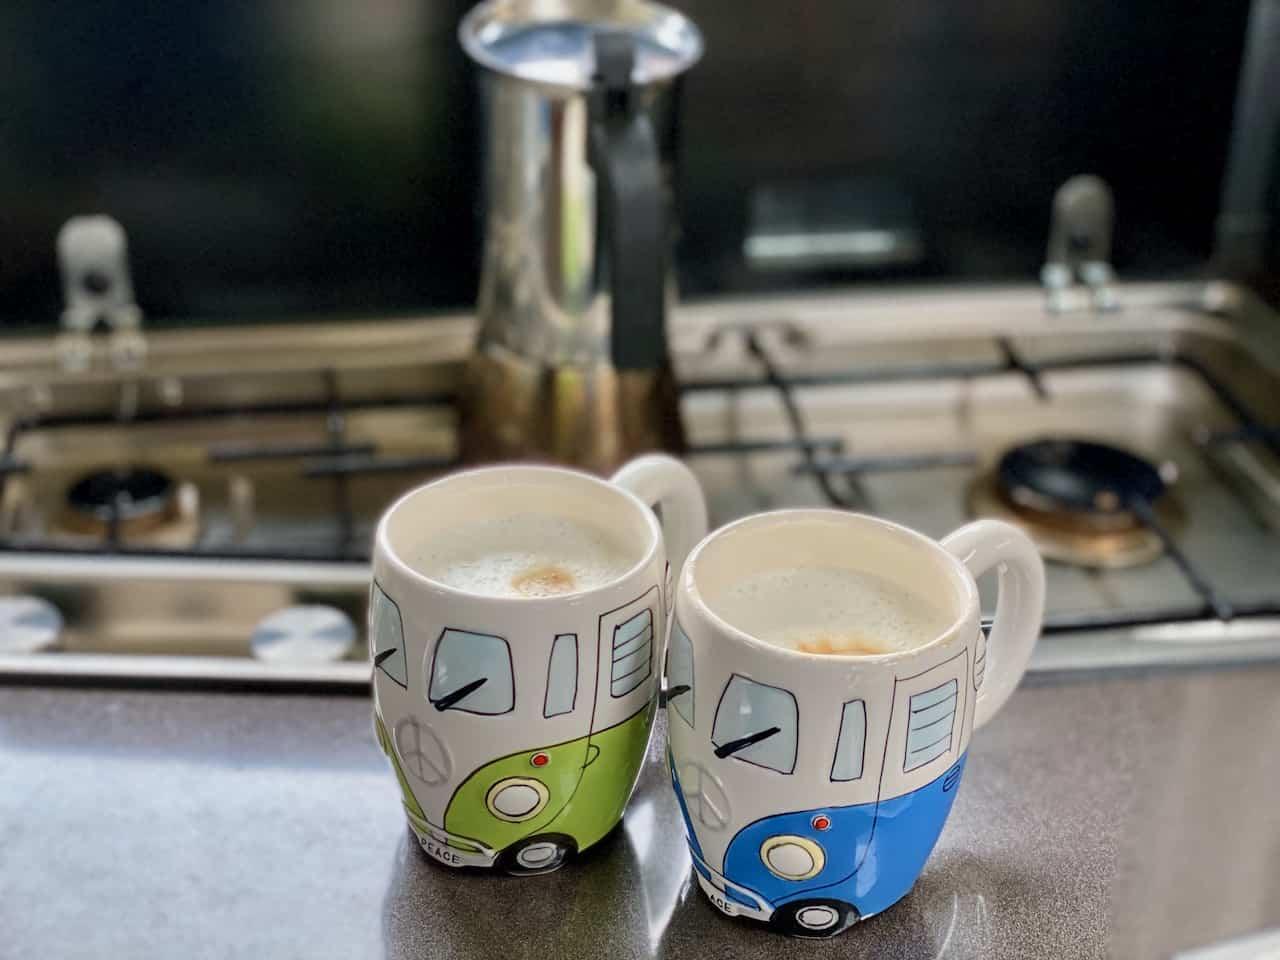 Camping-und-Kaffee-aus-der-Bialetti-Venus-Latte-Macchiato-geniessen